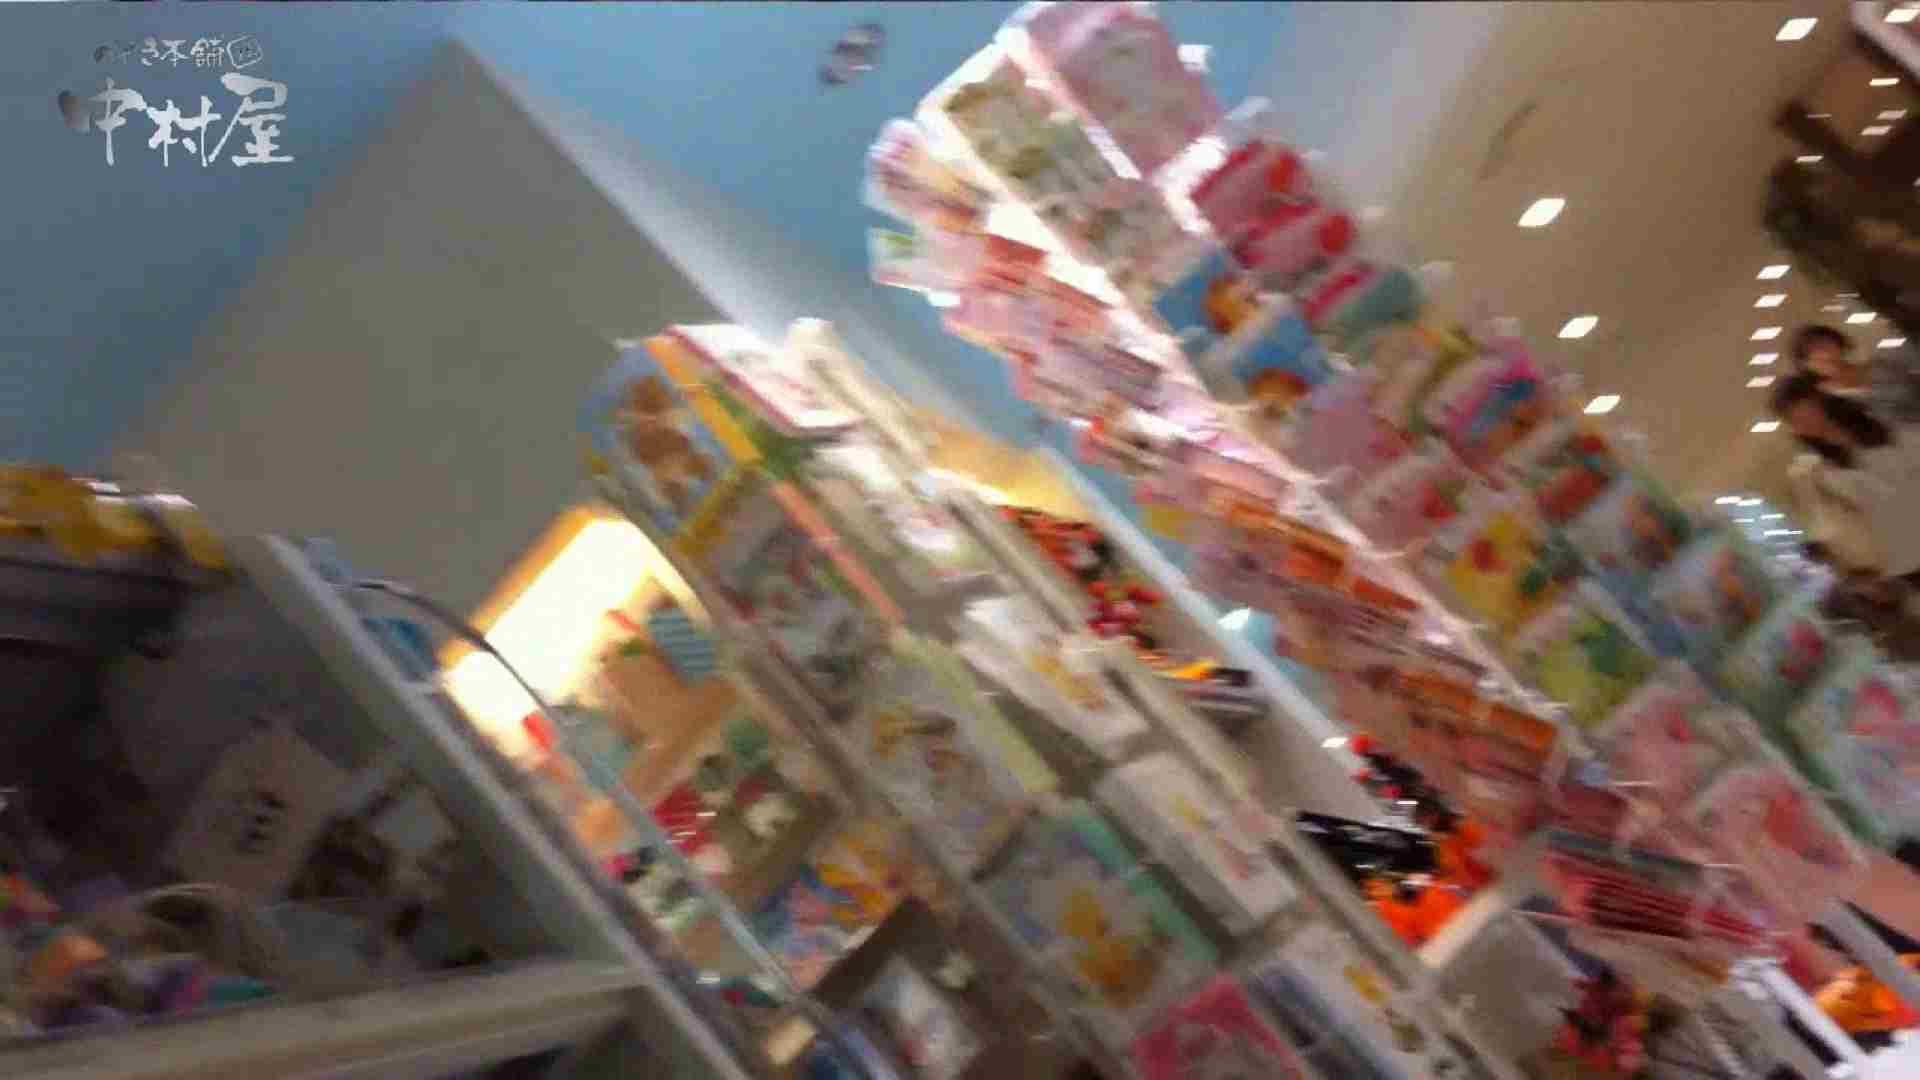 無修正おまんこ動画|vol.82 美人アパレル胸チラ&パンチラ チラ豊作!|のぞき本舗 中村屋